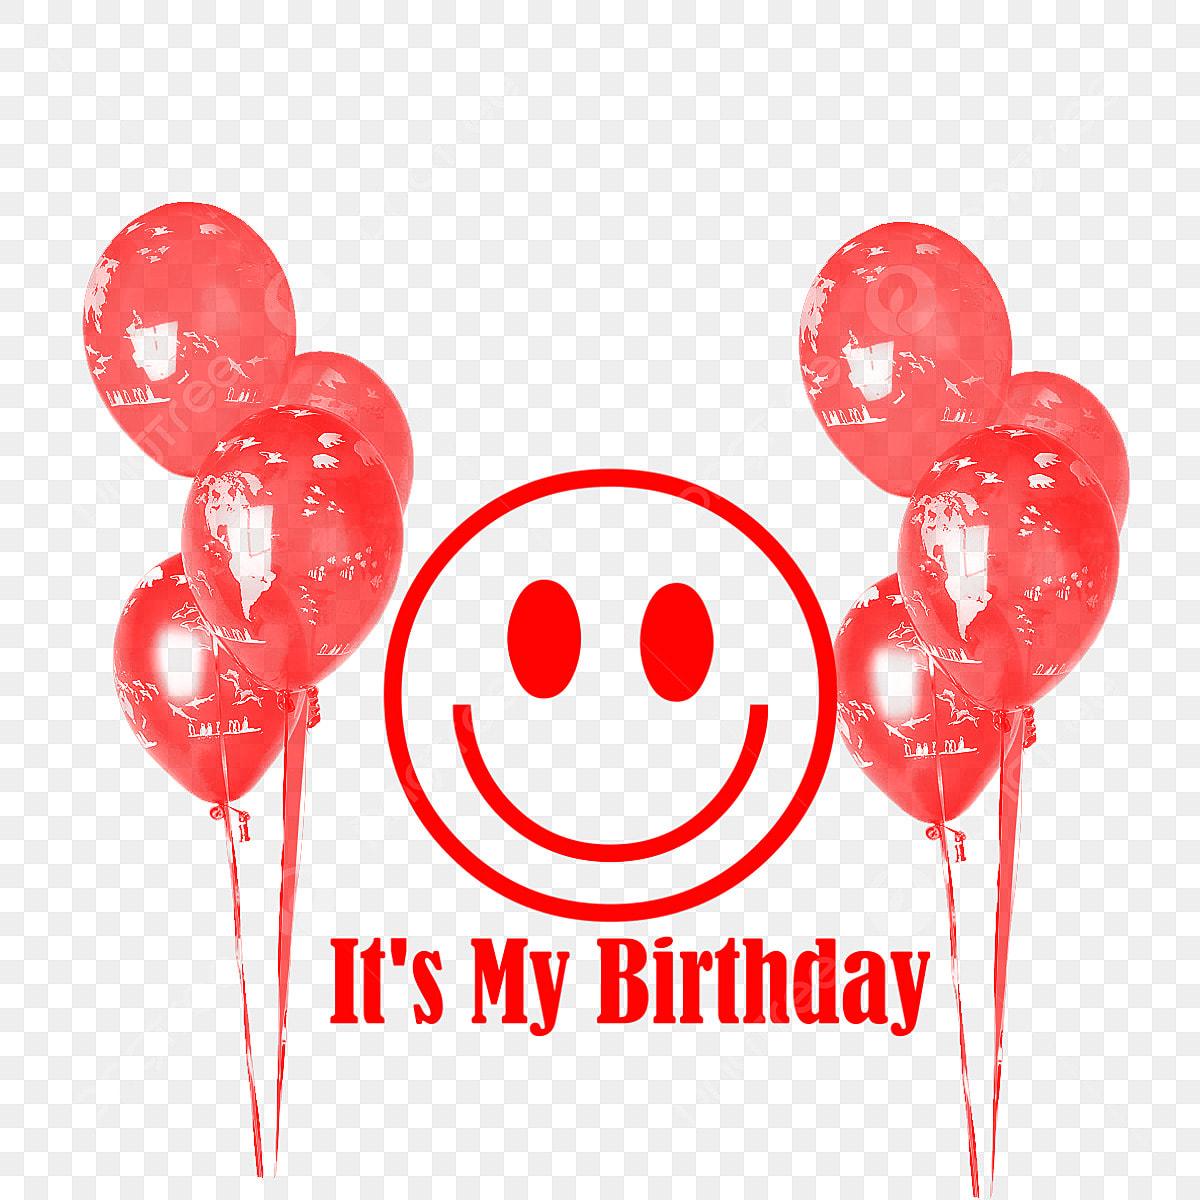 お誕生日おめでとう 風船 誕生日 クリップアート画像とpsd素材ファイルの